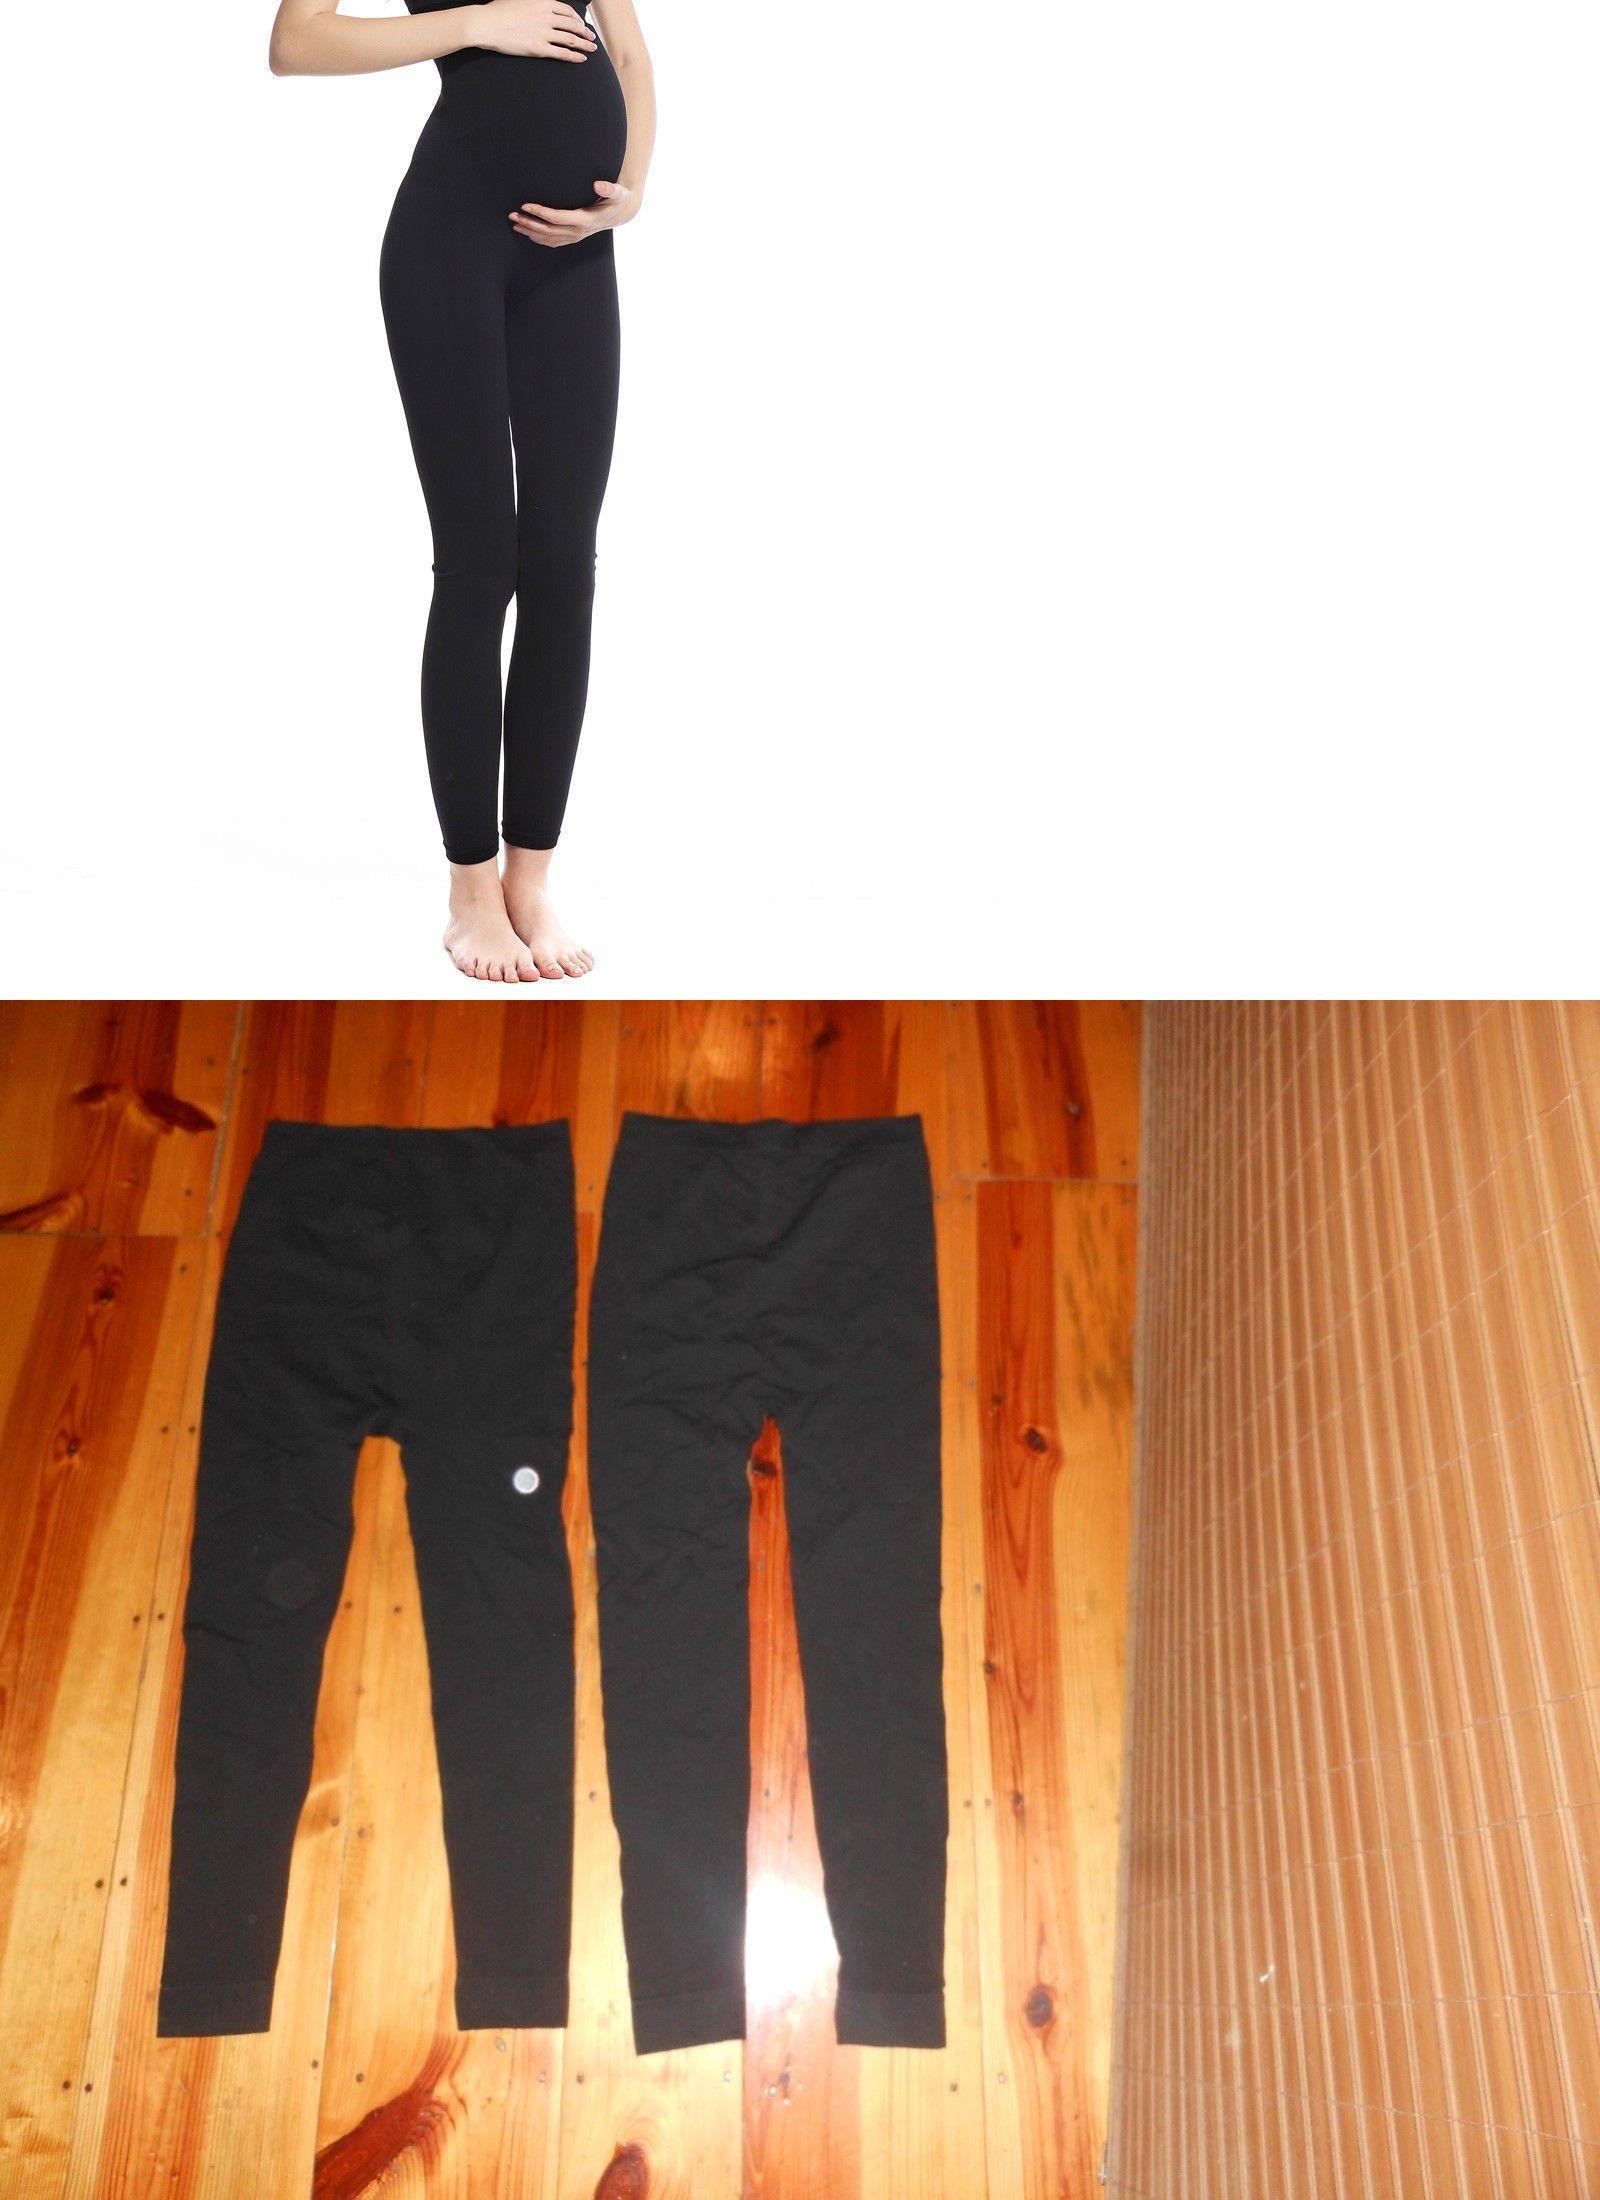 f580eee9ea813 Leggings 46809: 2 Pr Isabel Seamless Over The Belly Maternity Full Length  Legging L Xl(Black -> BUY IT NOW ONLY: $16.99 on #eBay #leggings #isabel  #seamless ...